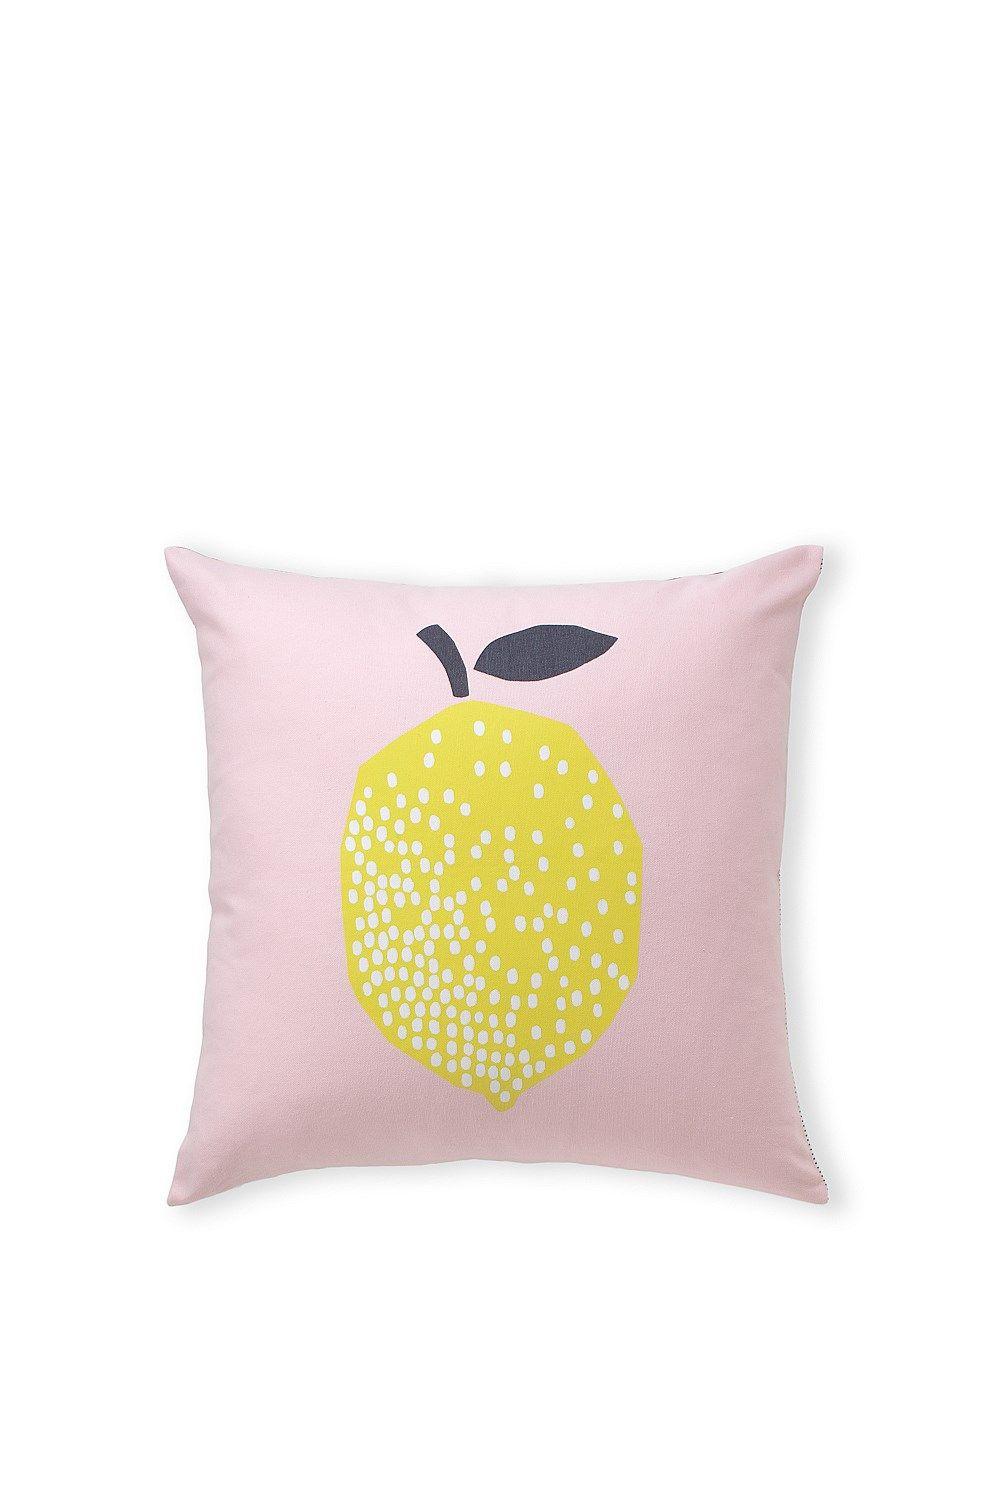 Limone Cushion.